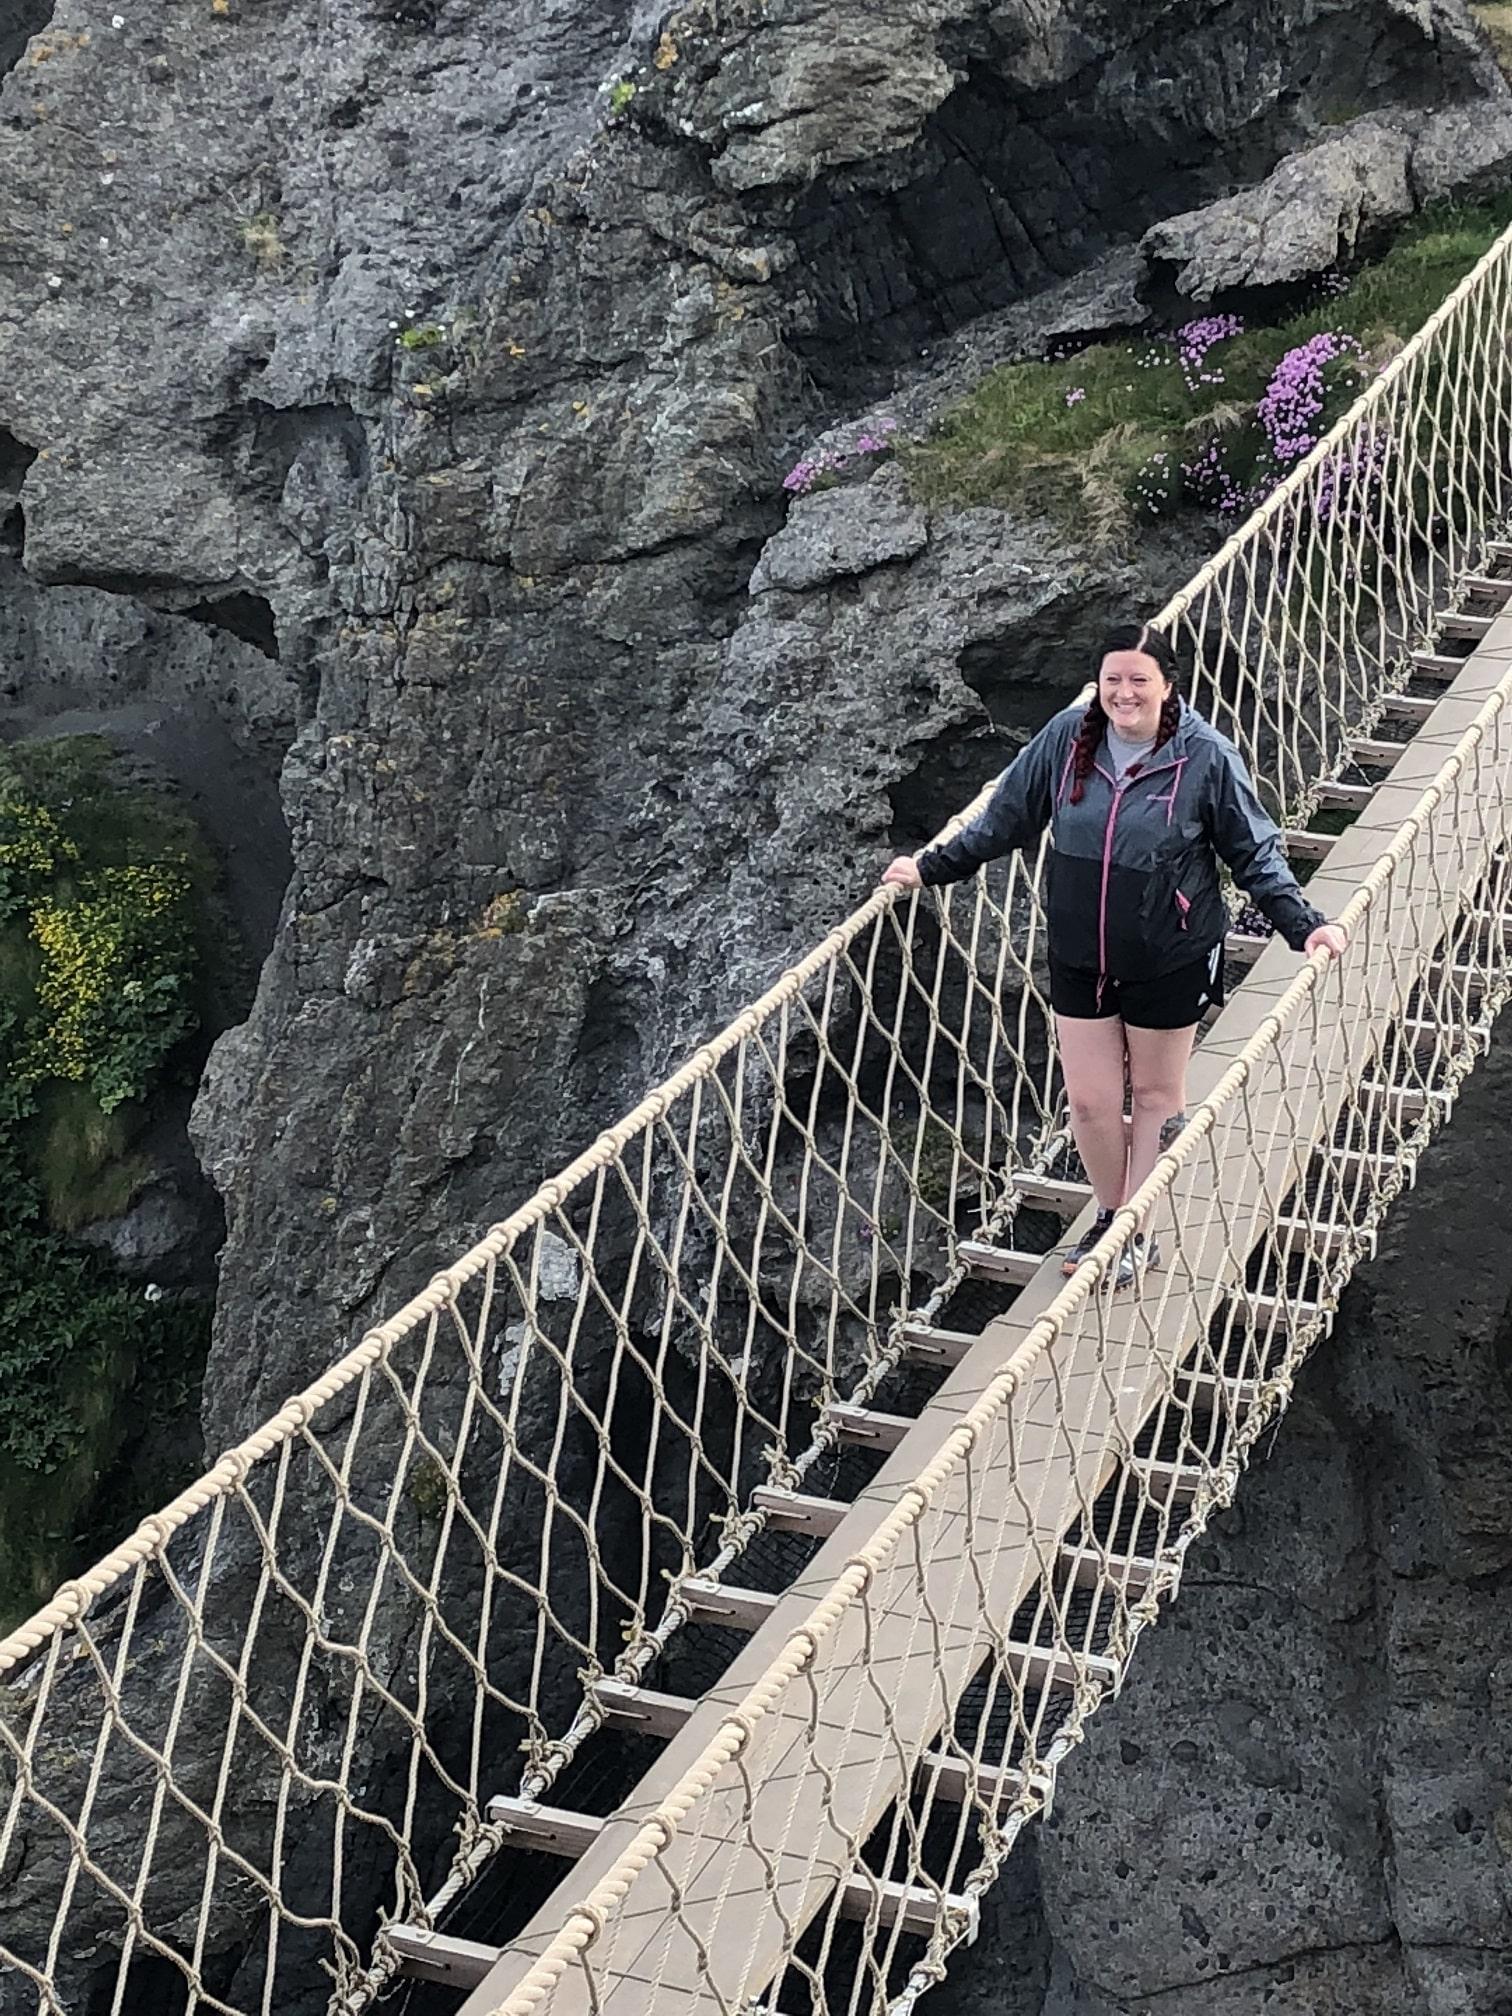 Rope Bridge in Ireland